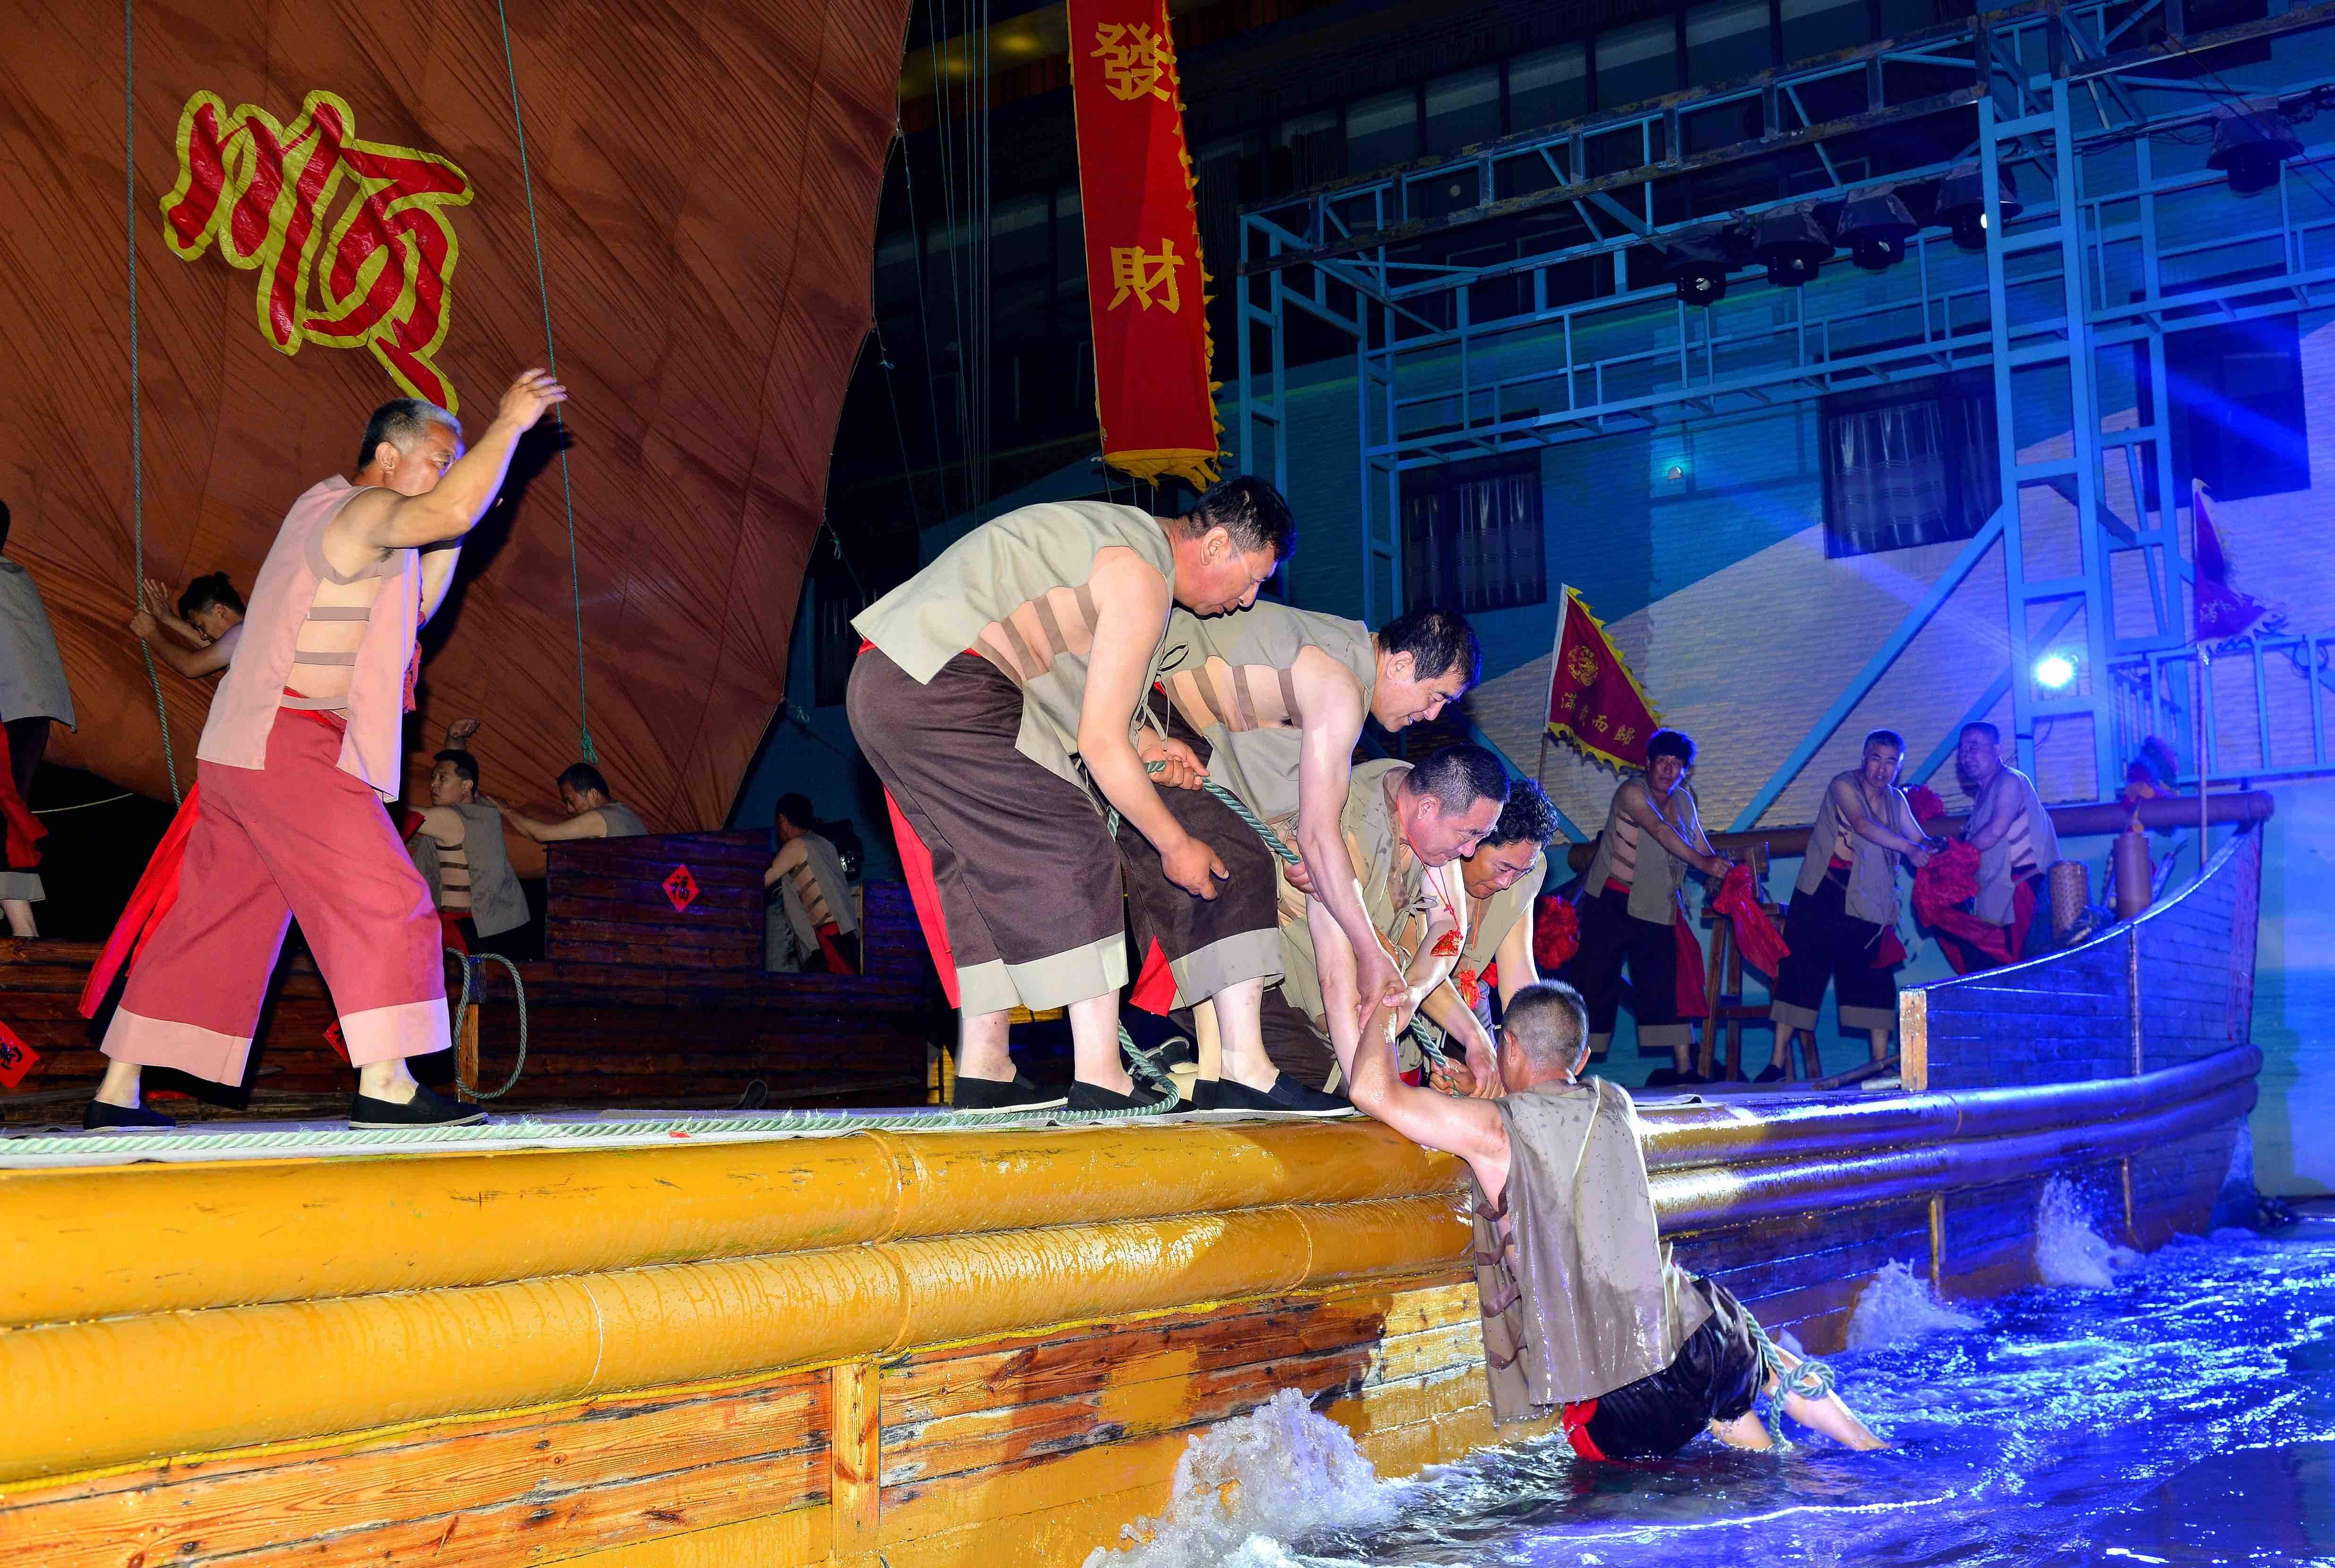 长岛渔号演出成新晋网红打卡点广东理工学校,沿袭300年闯海精神,声声喊出精气神